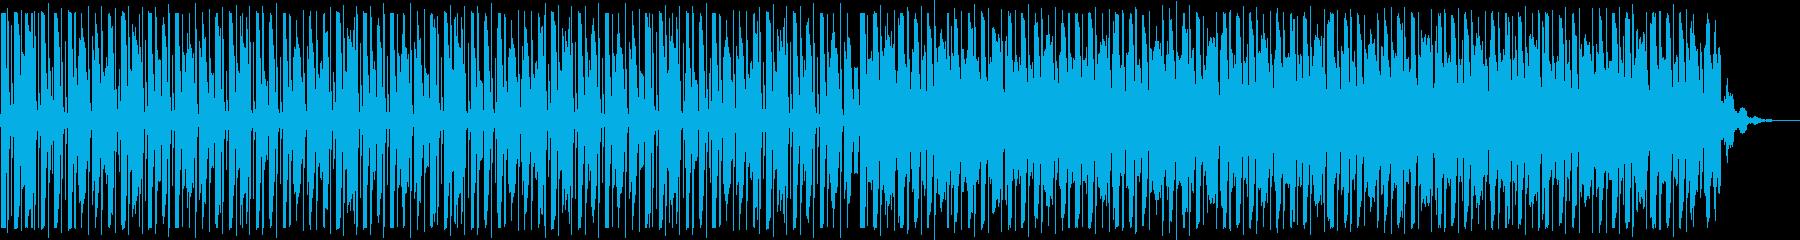 夜景/都会/エレクトロ_No667_2の再生済みの波形